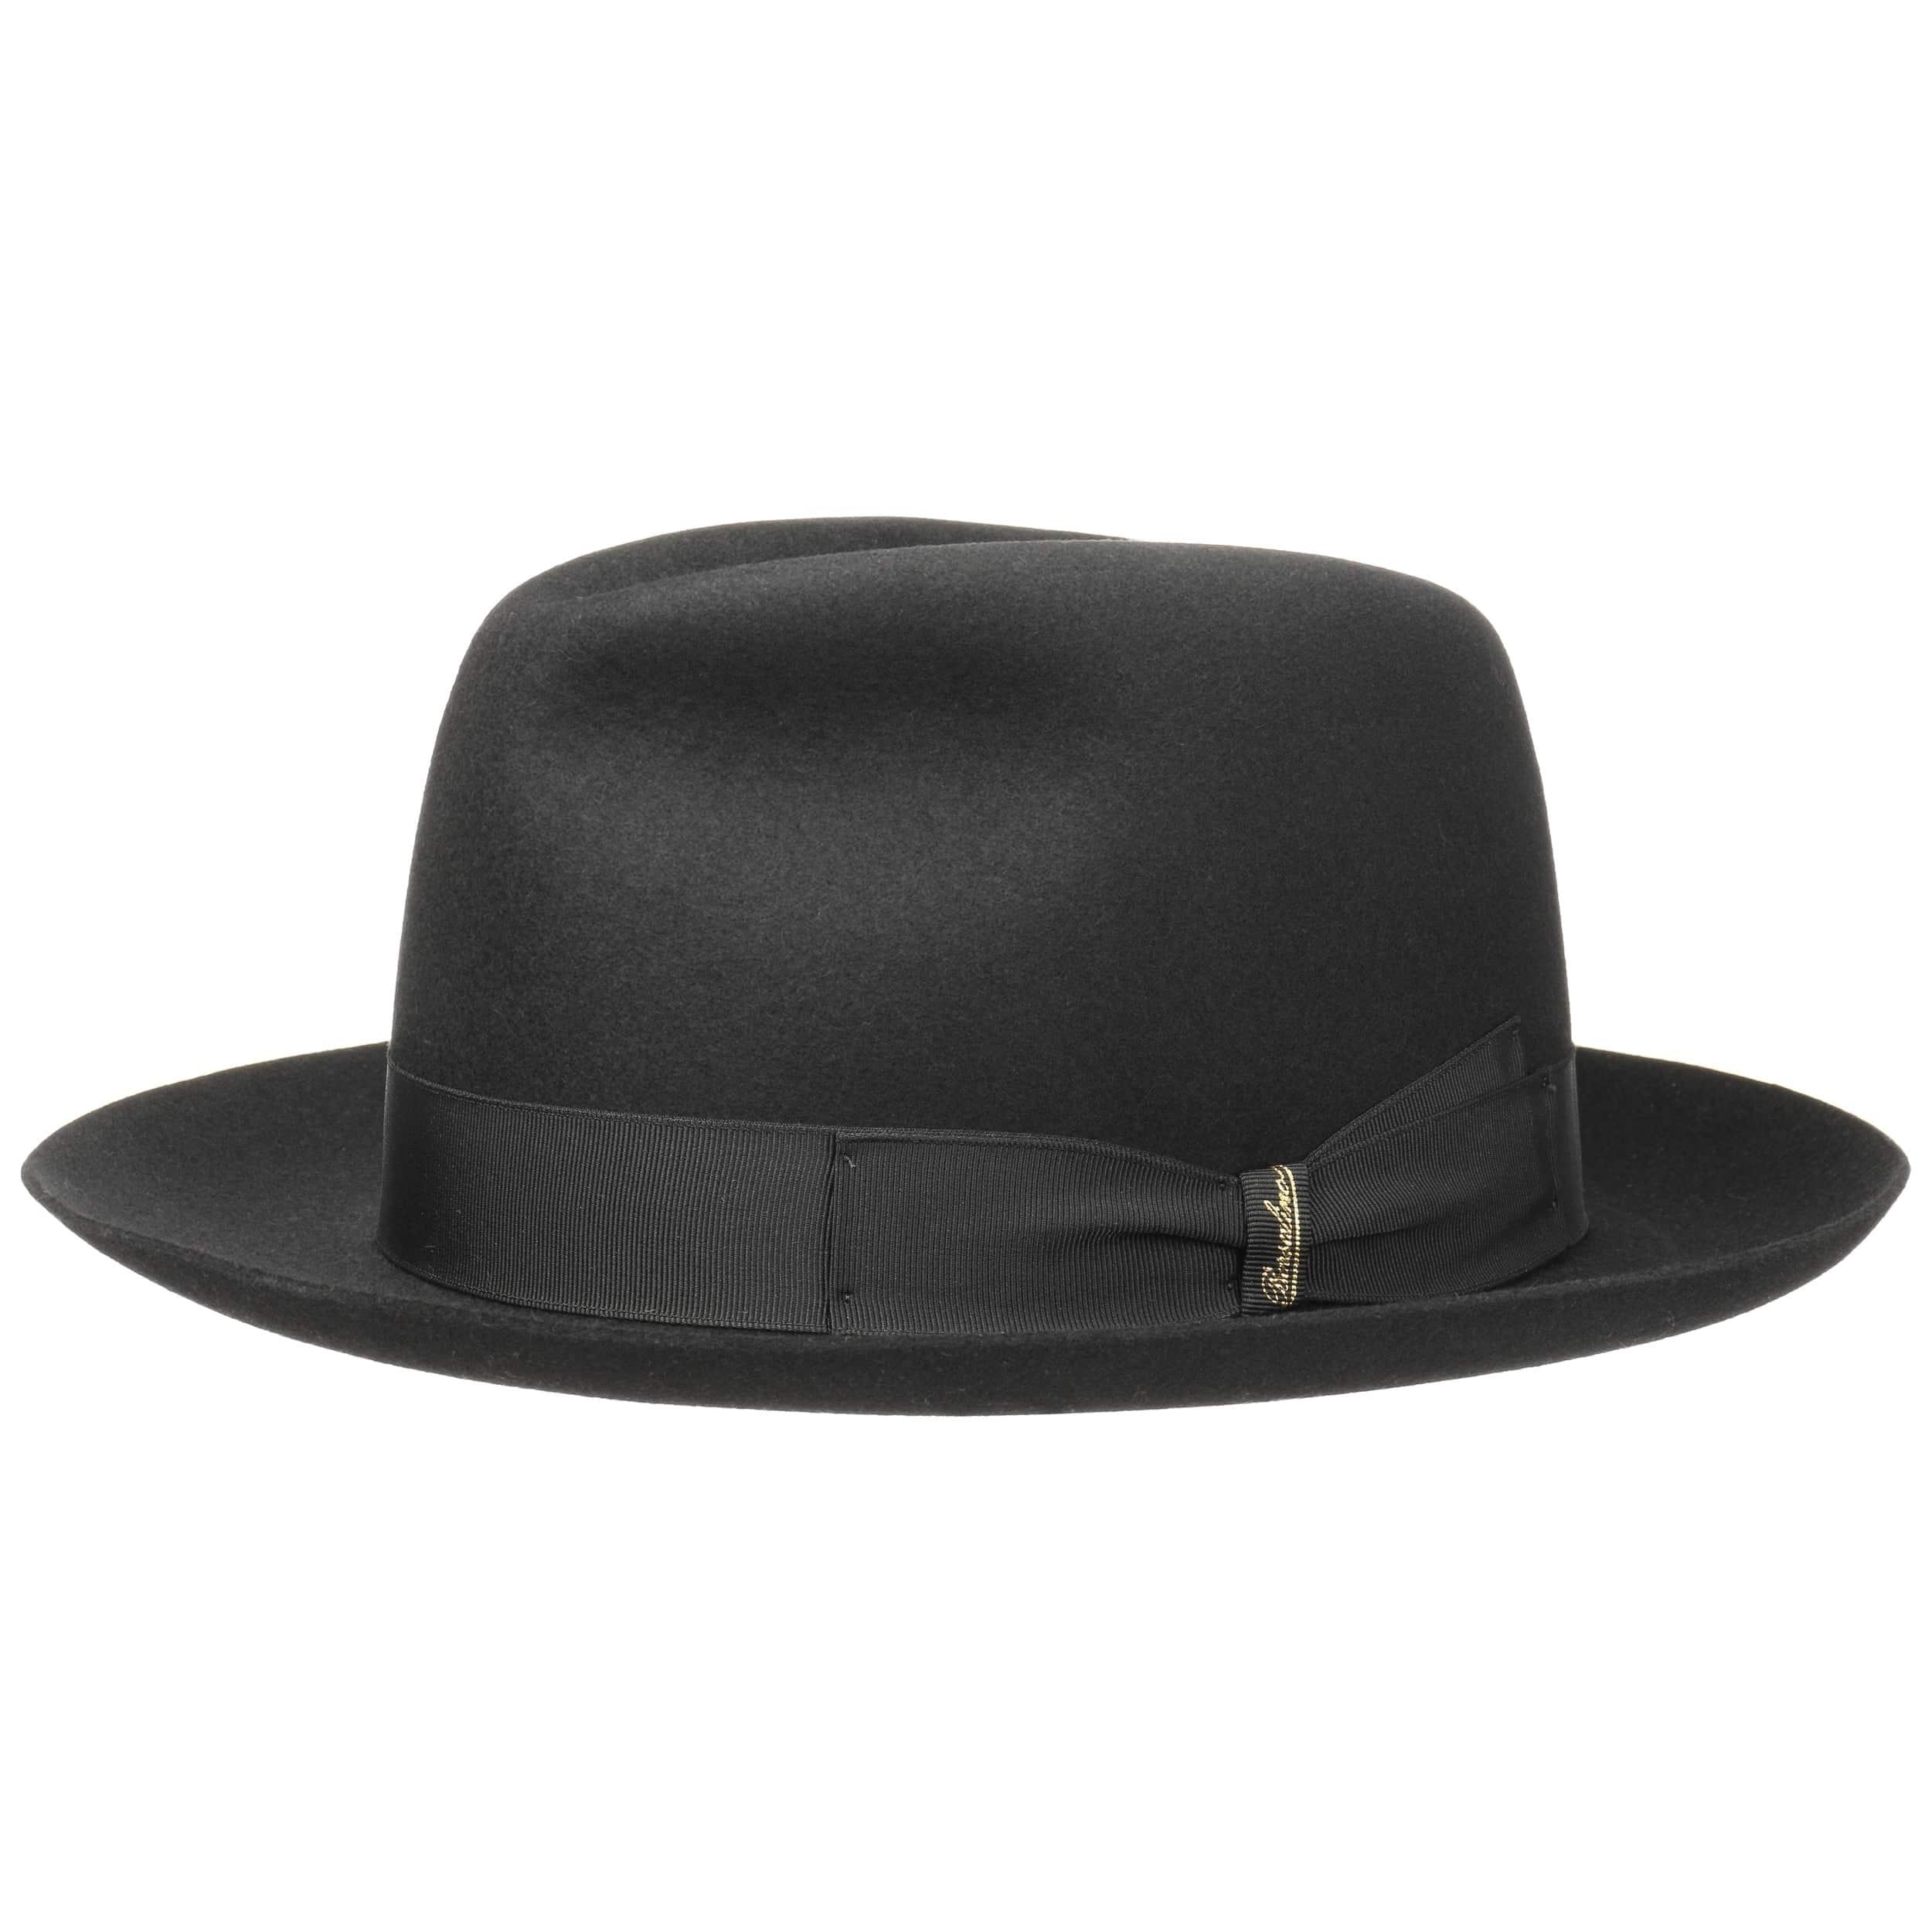 ... Sombrero Lluvia Alessandria by Borsalino - negro 4 ... d6d18b1162e